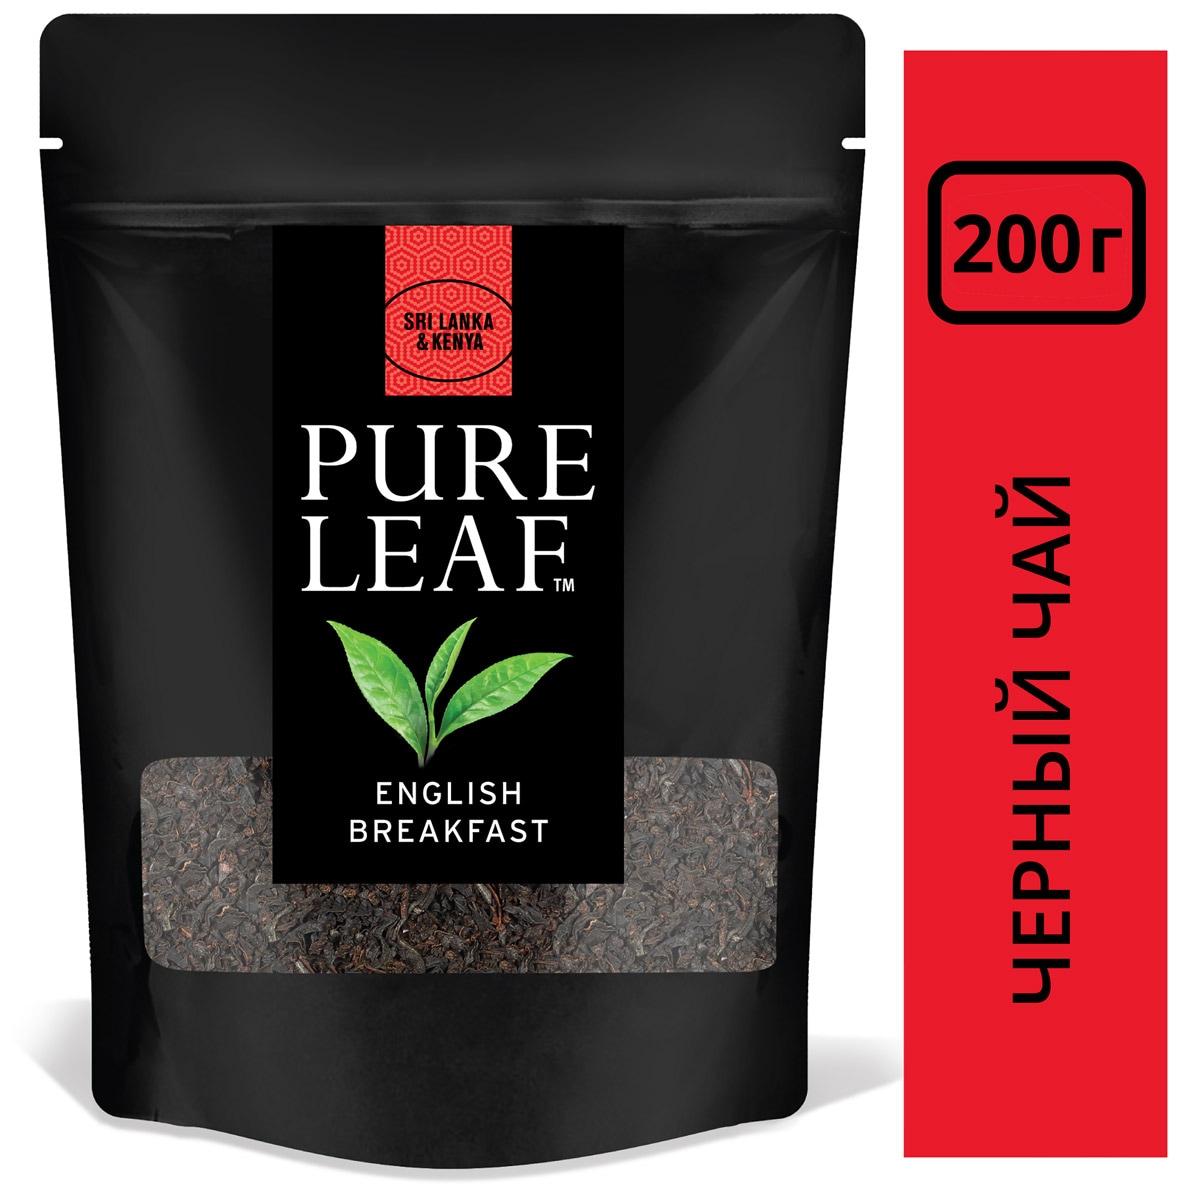 PURE LEAF черный чай листовой English Breakfast (200г) - Крупнолистовой чай